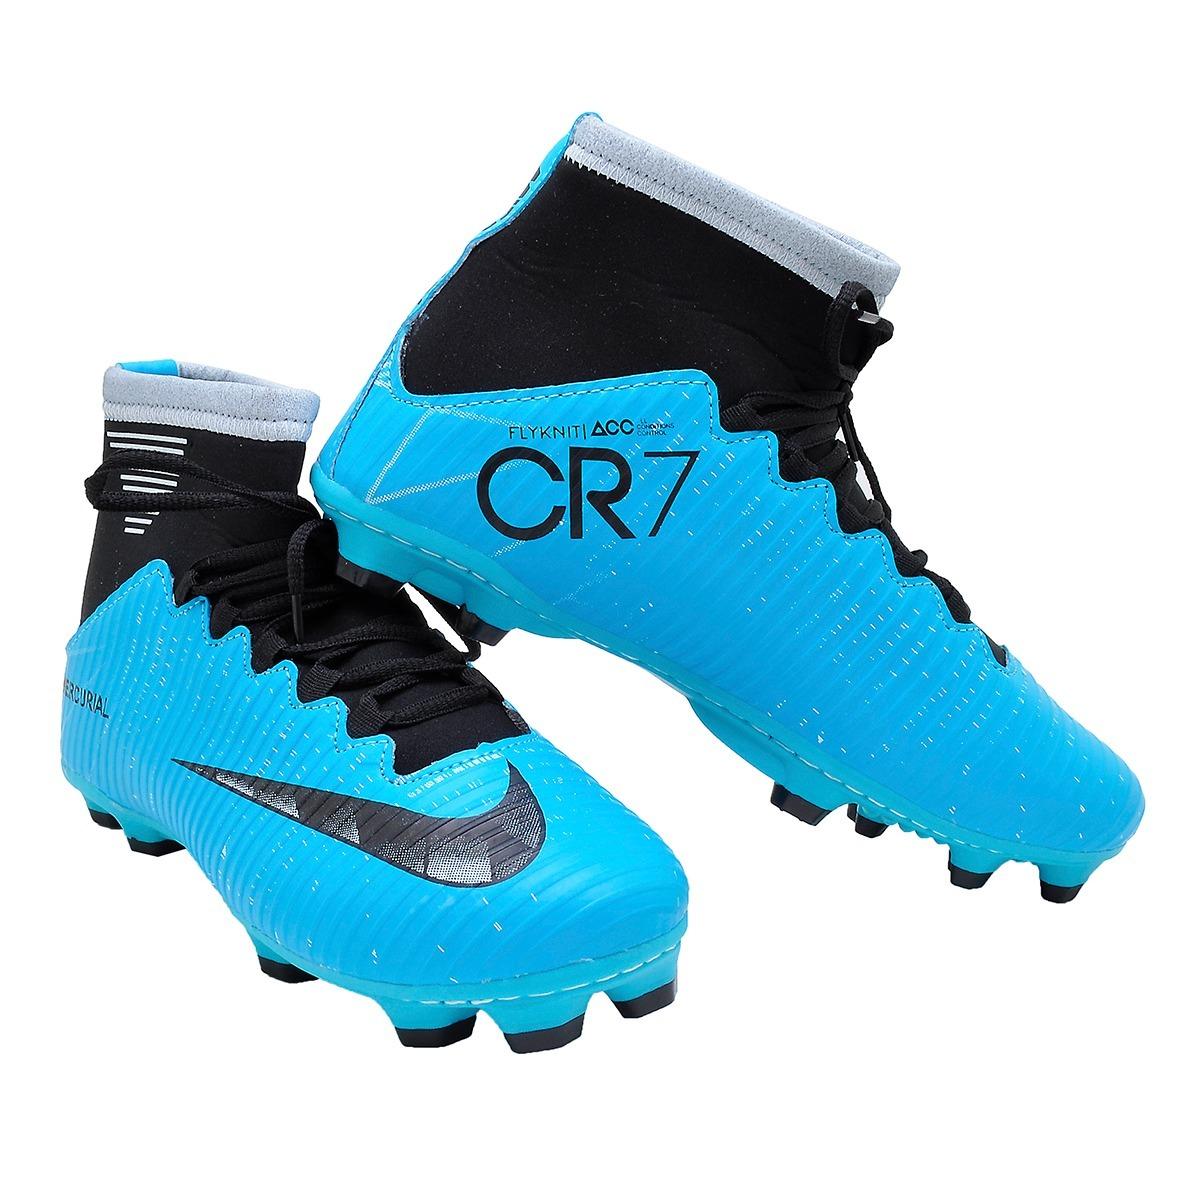 Chuteira Nike Cr7 Campo Botinha ( Promoção Compre 2e Leve 3) - R ... 9ec2f5b9aac49